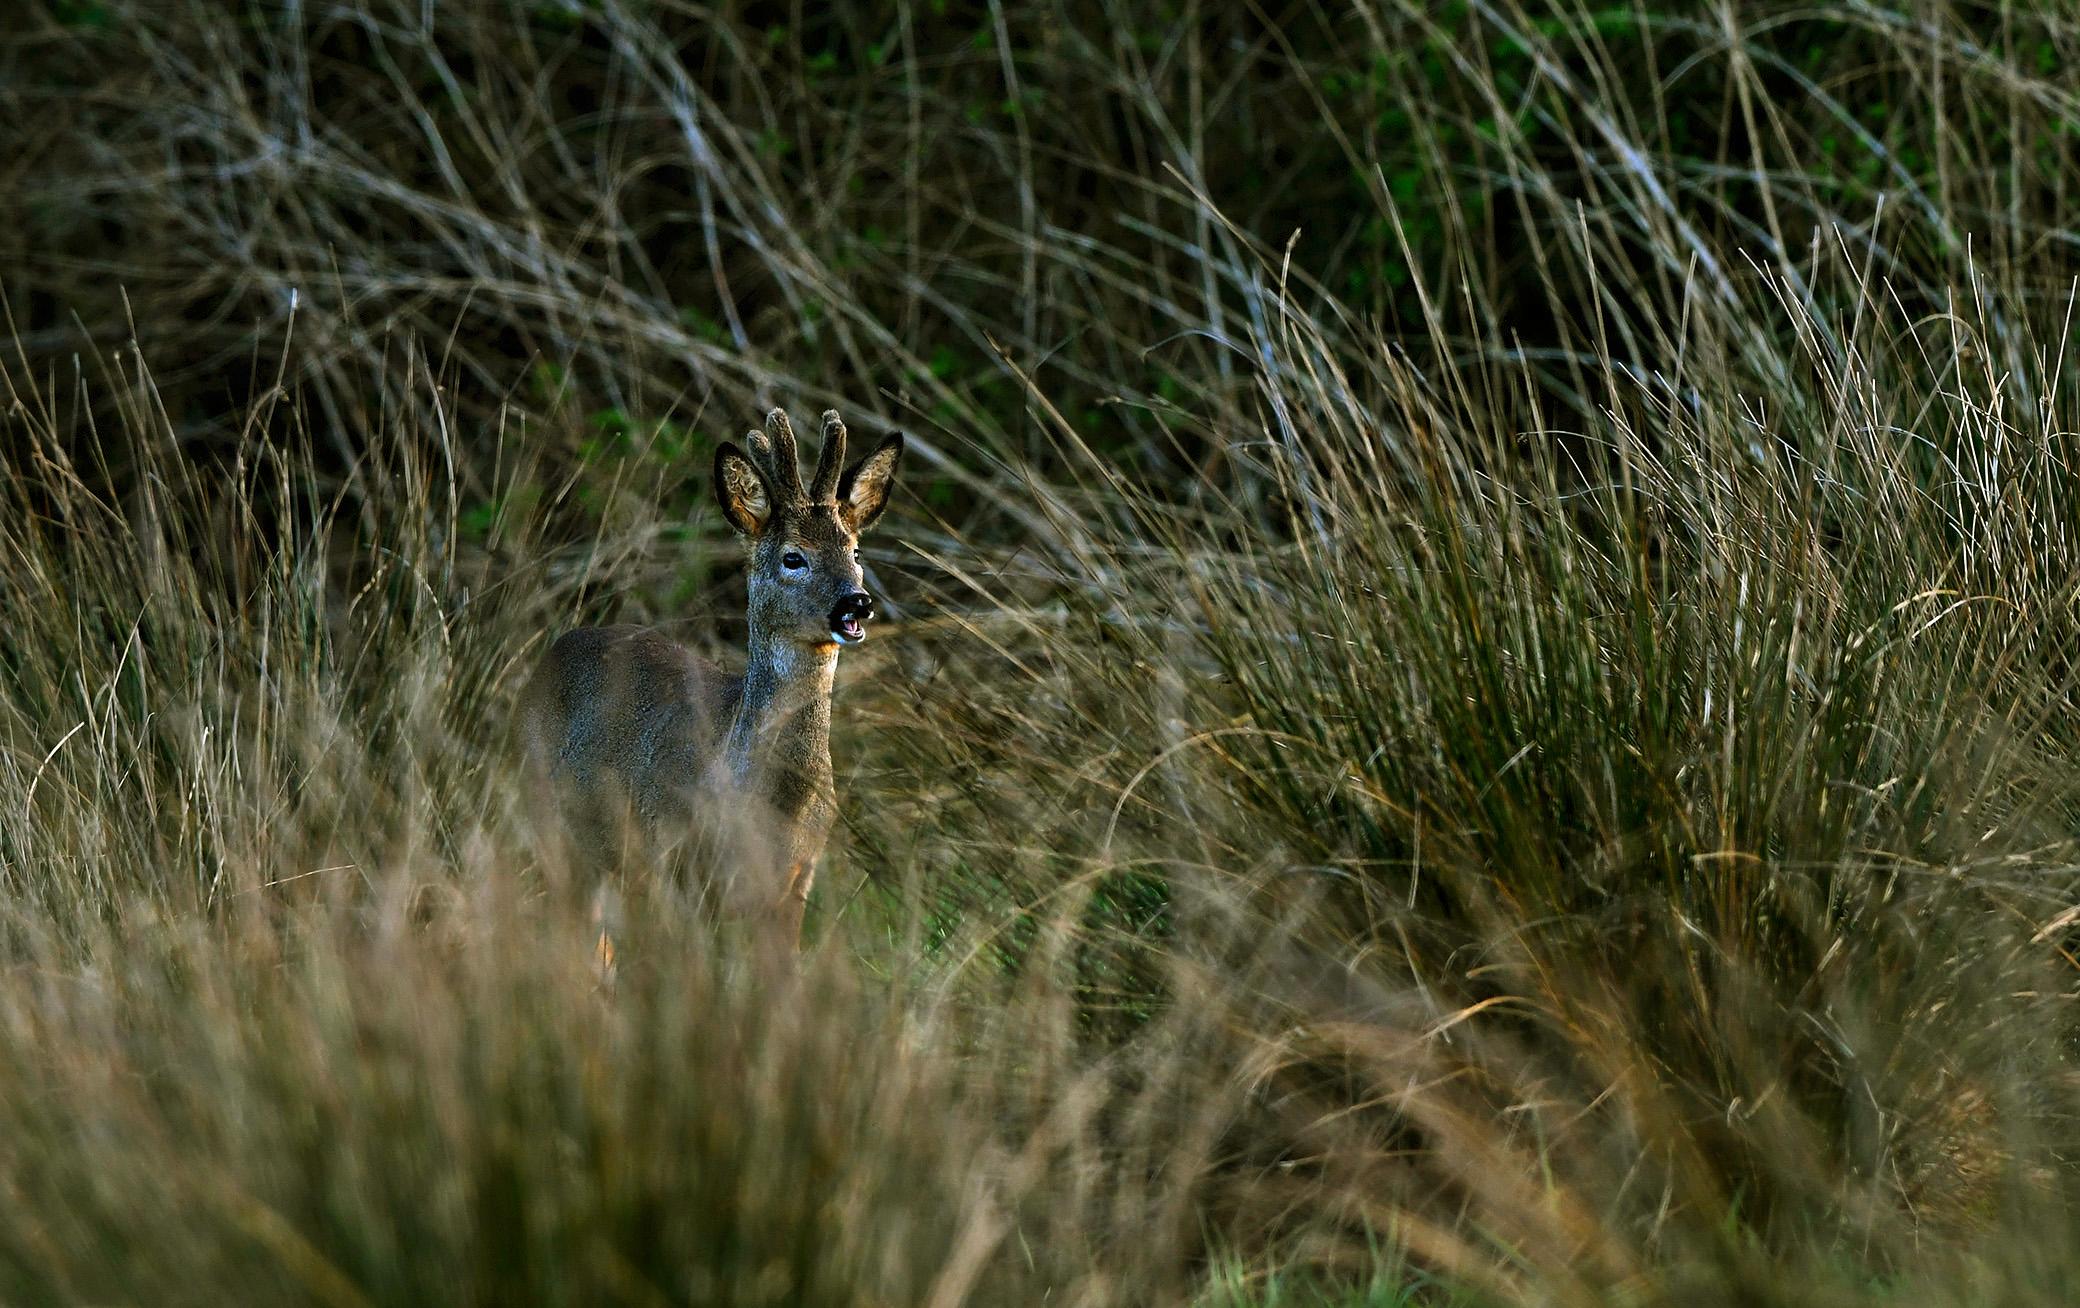 Een jonge reebok in bastgewei komt uit de dekking van het moerasbos - Foto: ©Louis Fraanje